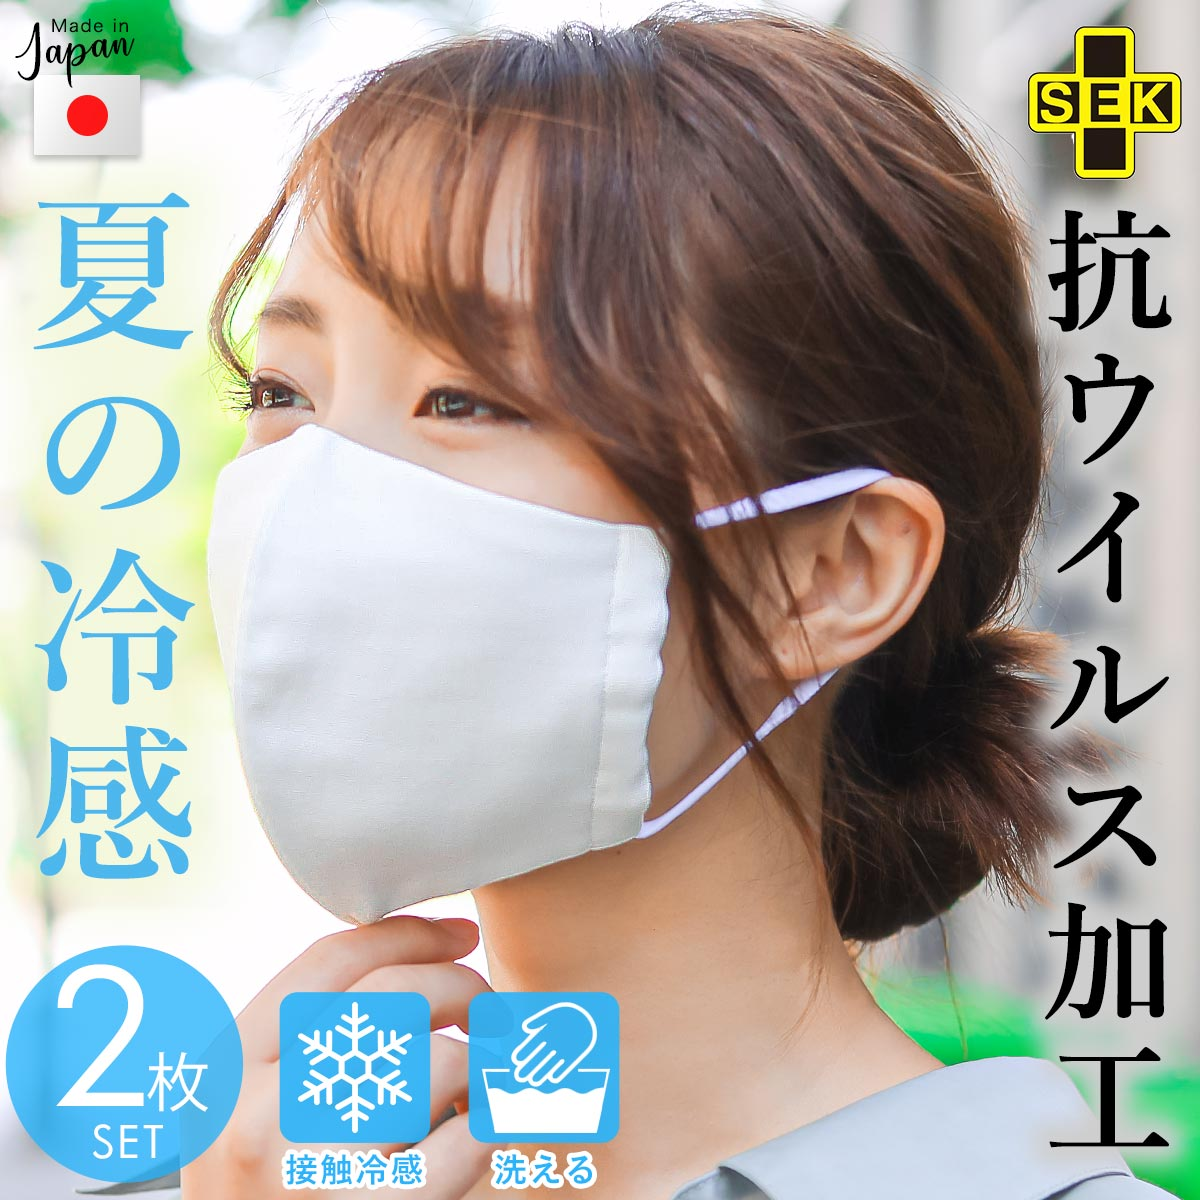 日本 接触 マスク 製 感 冷